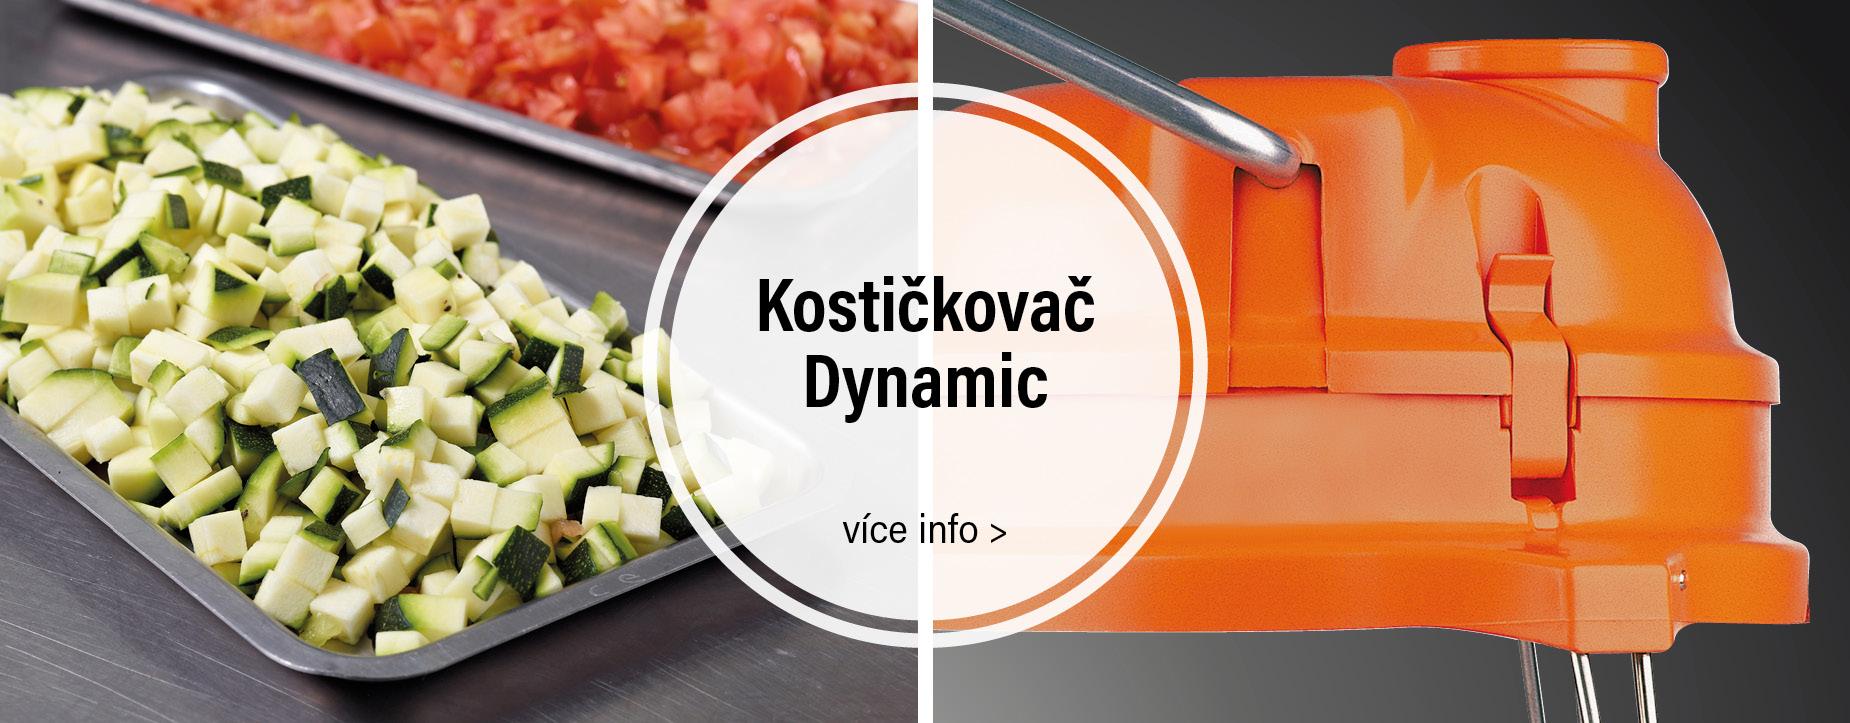 kostickovac-dynamic